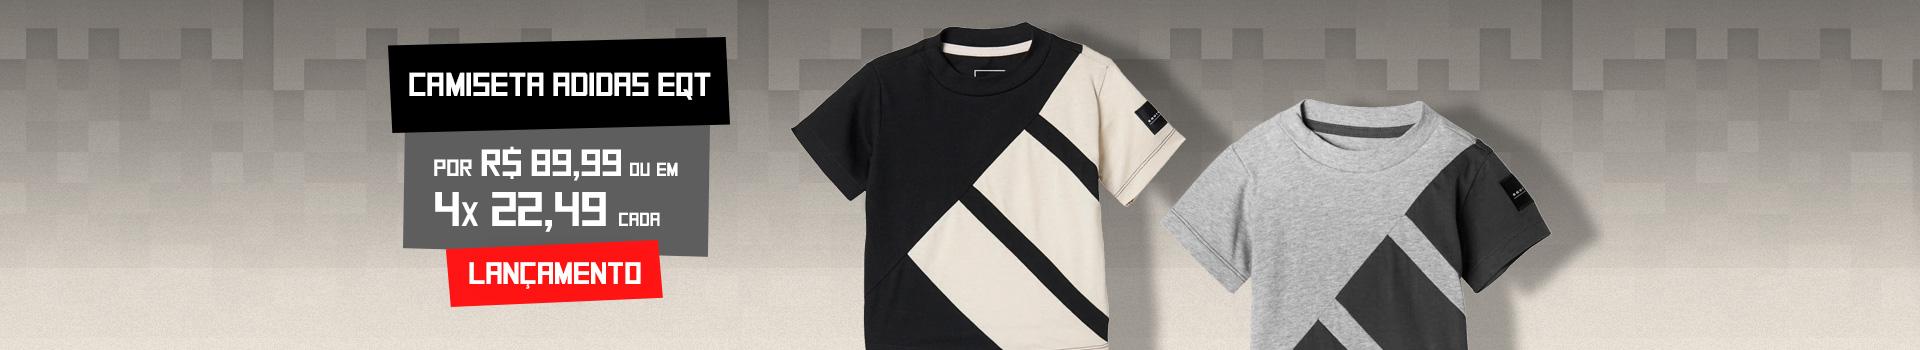 TV 4 - Camiseta EQT